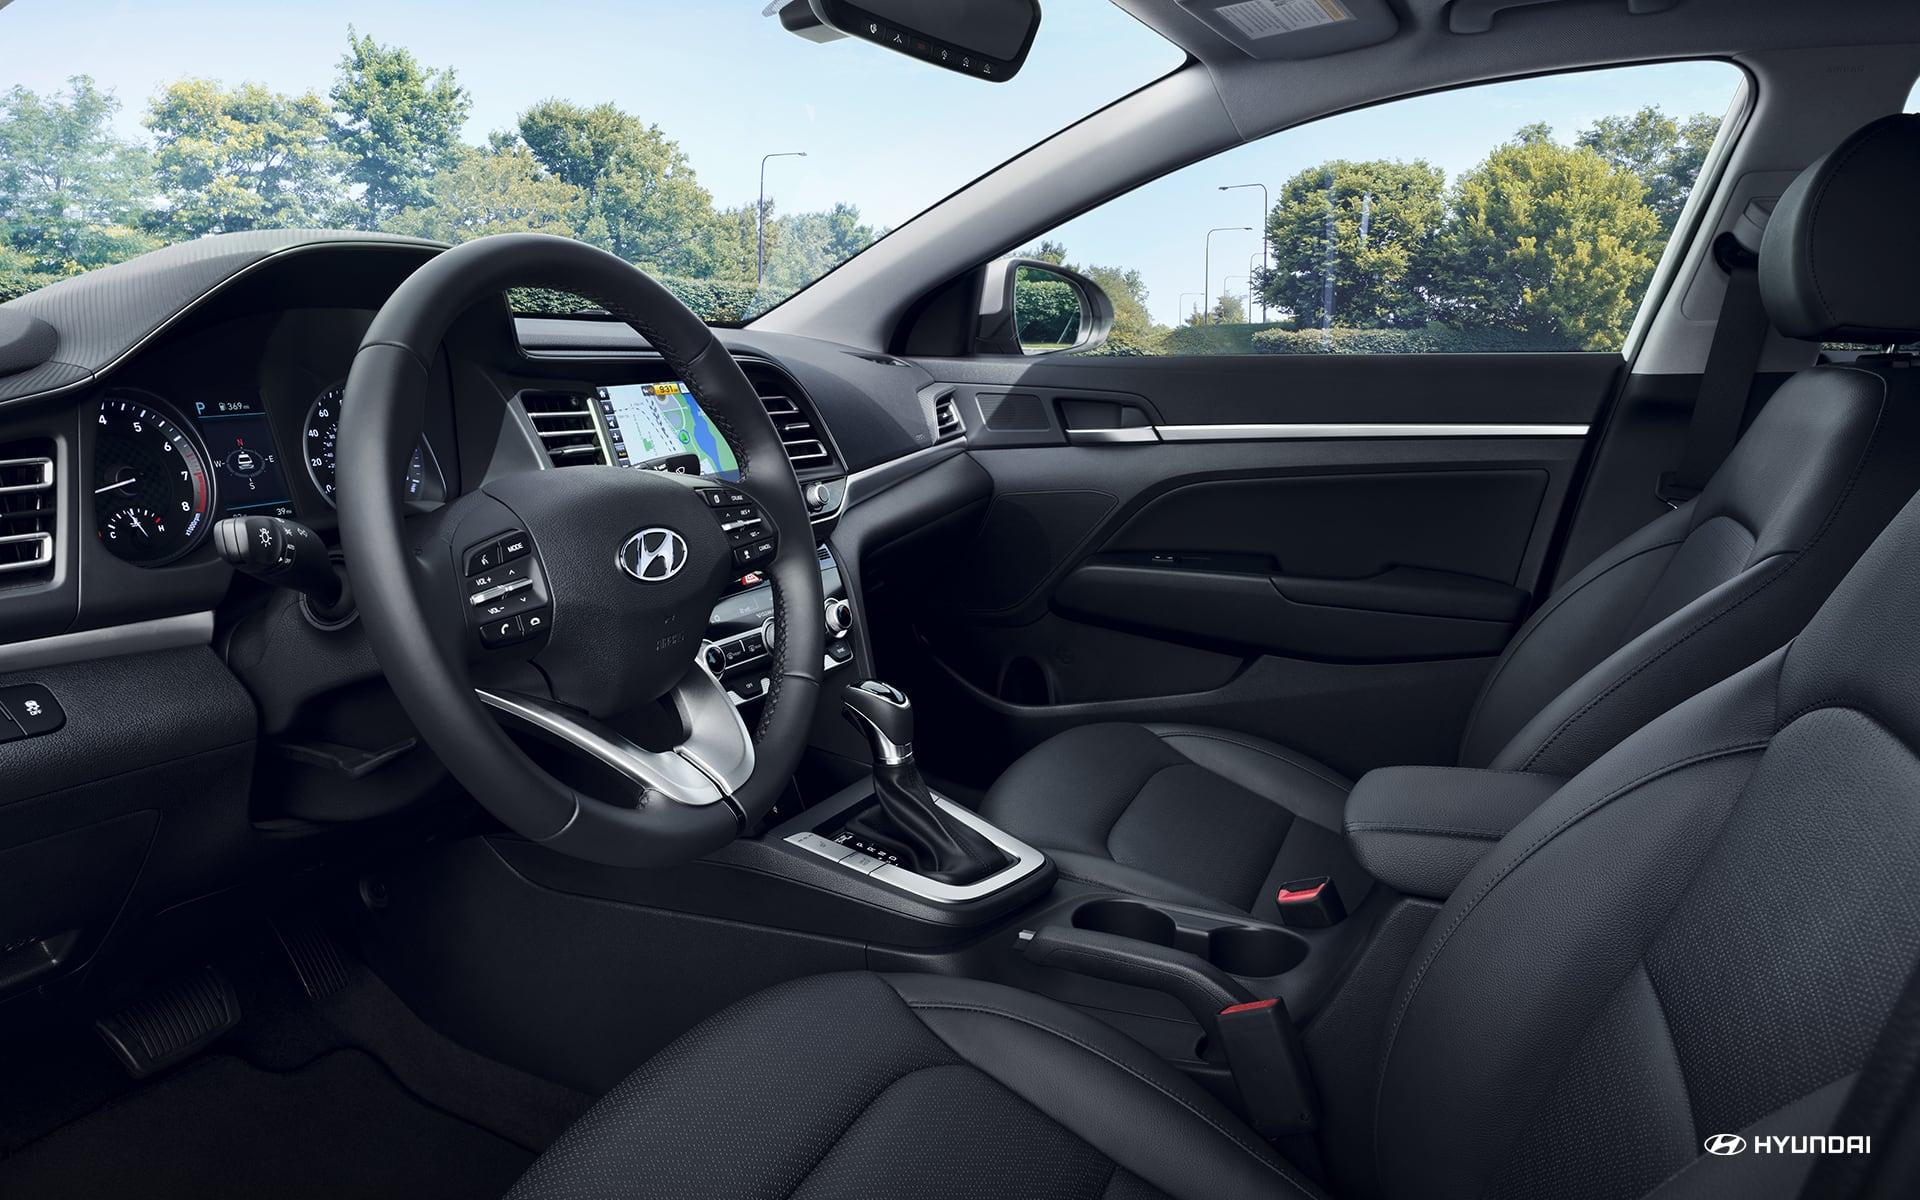 Hyundai Elantra Lease Specials in Orlando, FL